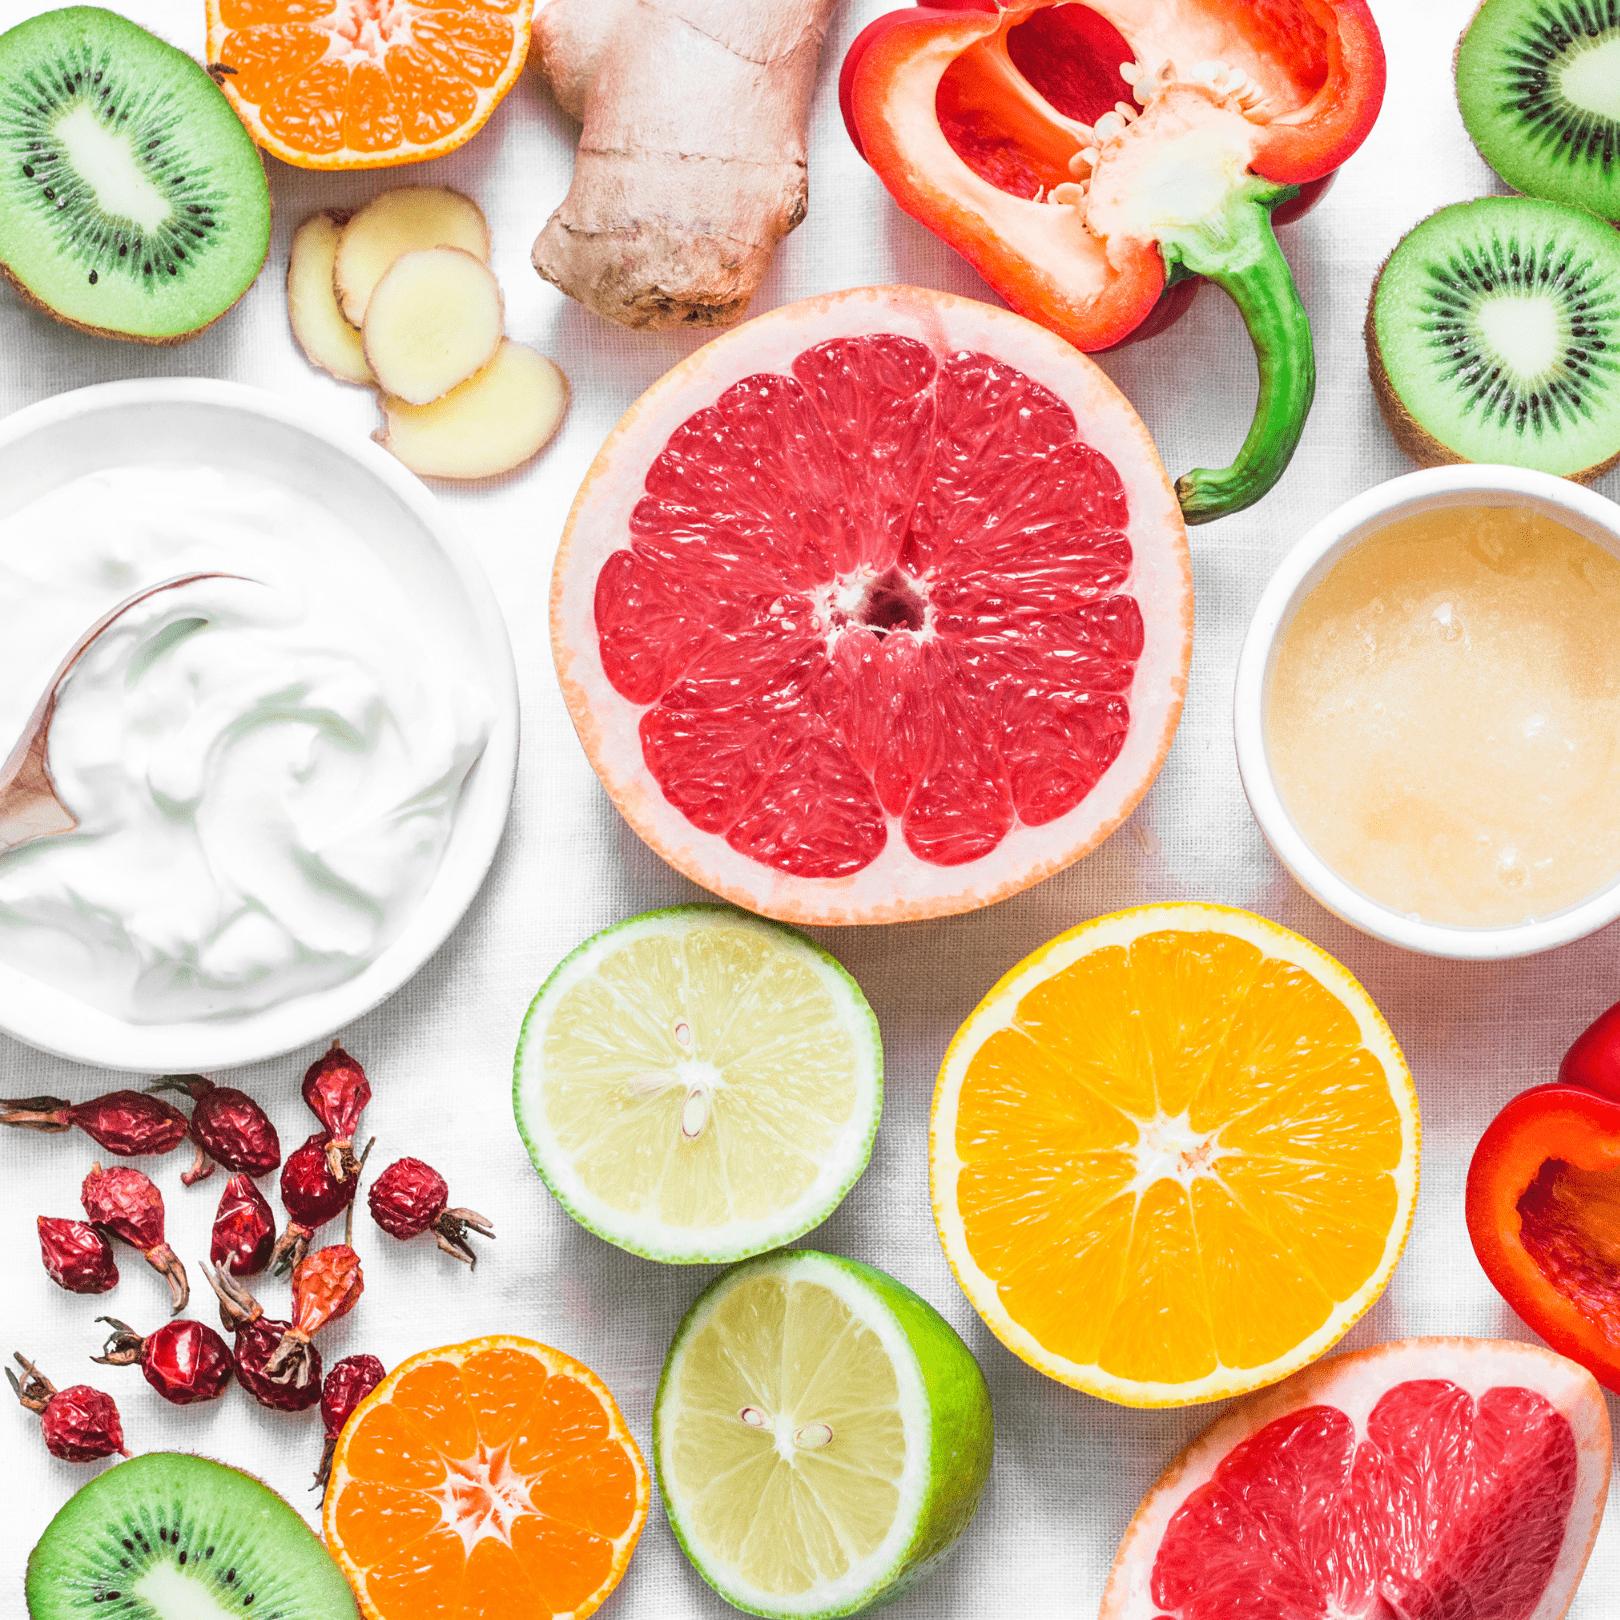 La dieta per rafforzare il sistema immunitario